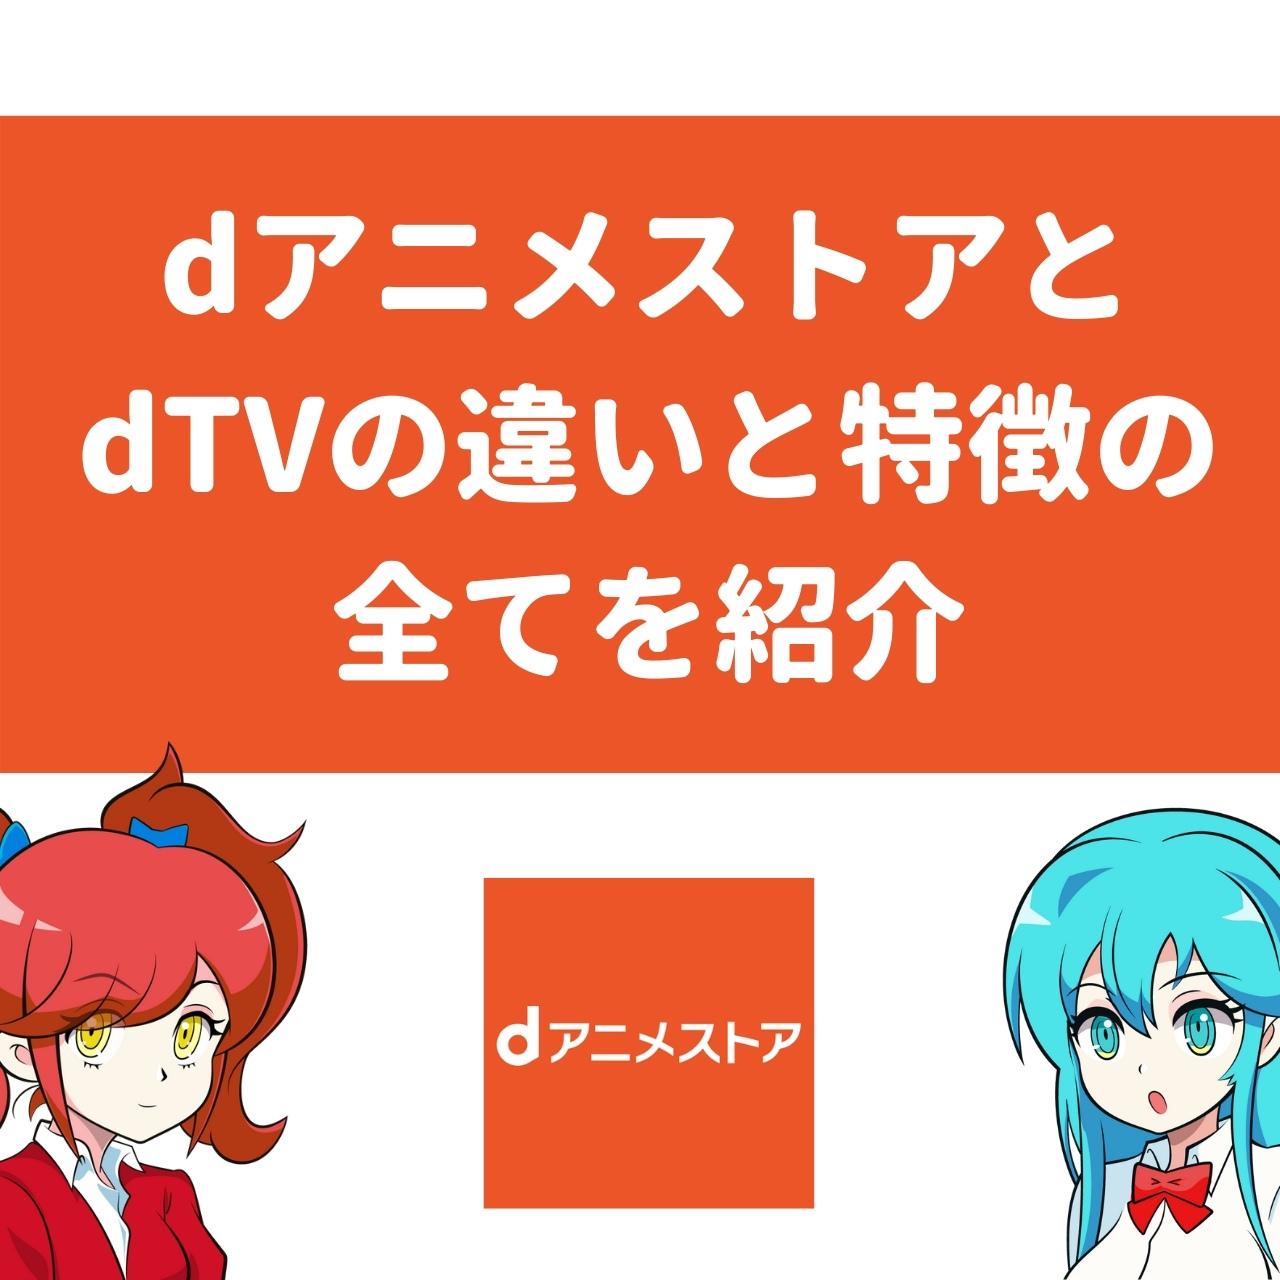 【徹底比較】dアニメストアとdTVの違いと特徴の全てを紹介